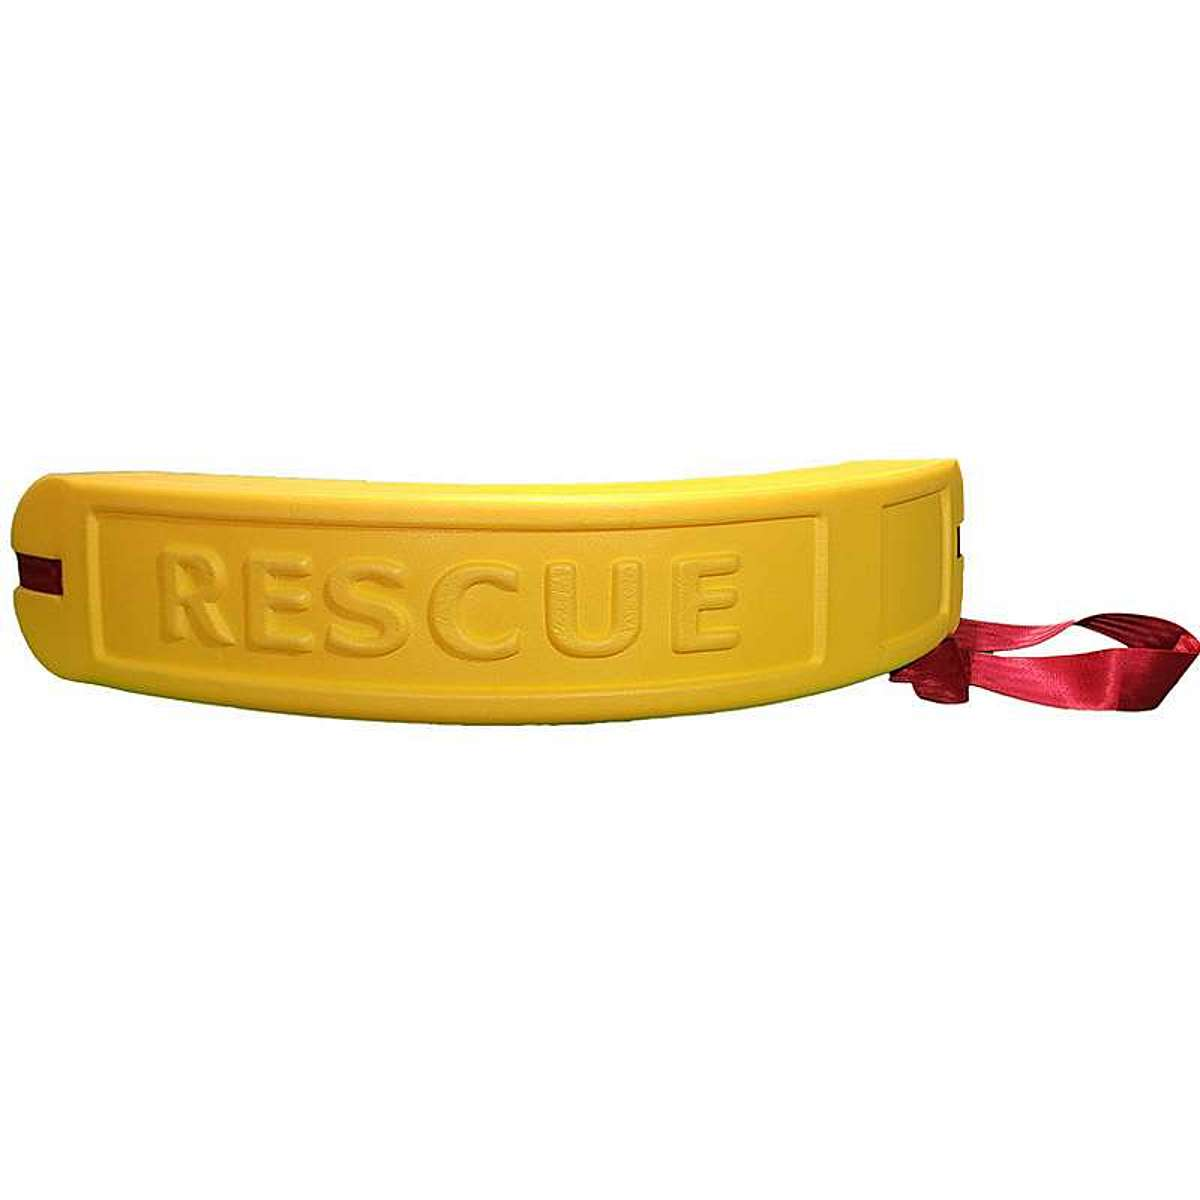 csm_Rescue_tube_Torpedo_20_SALVAMENTO_5728_9f4ef1b1d4.jpg